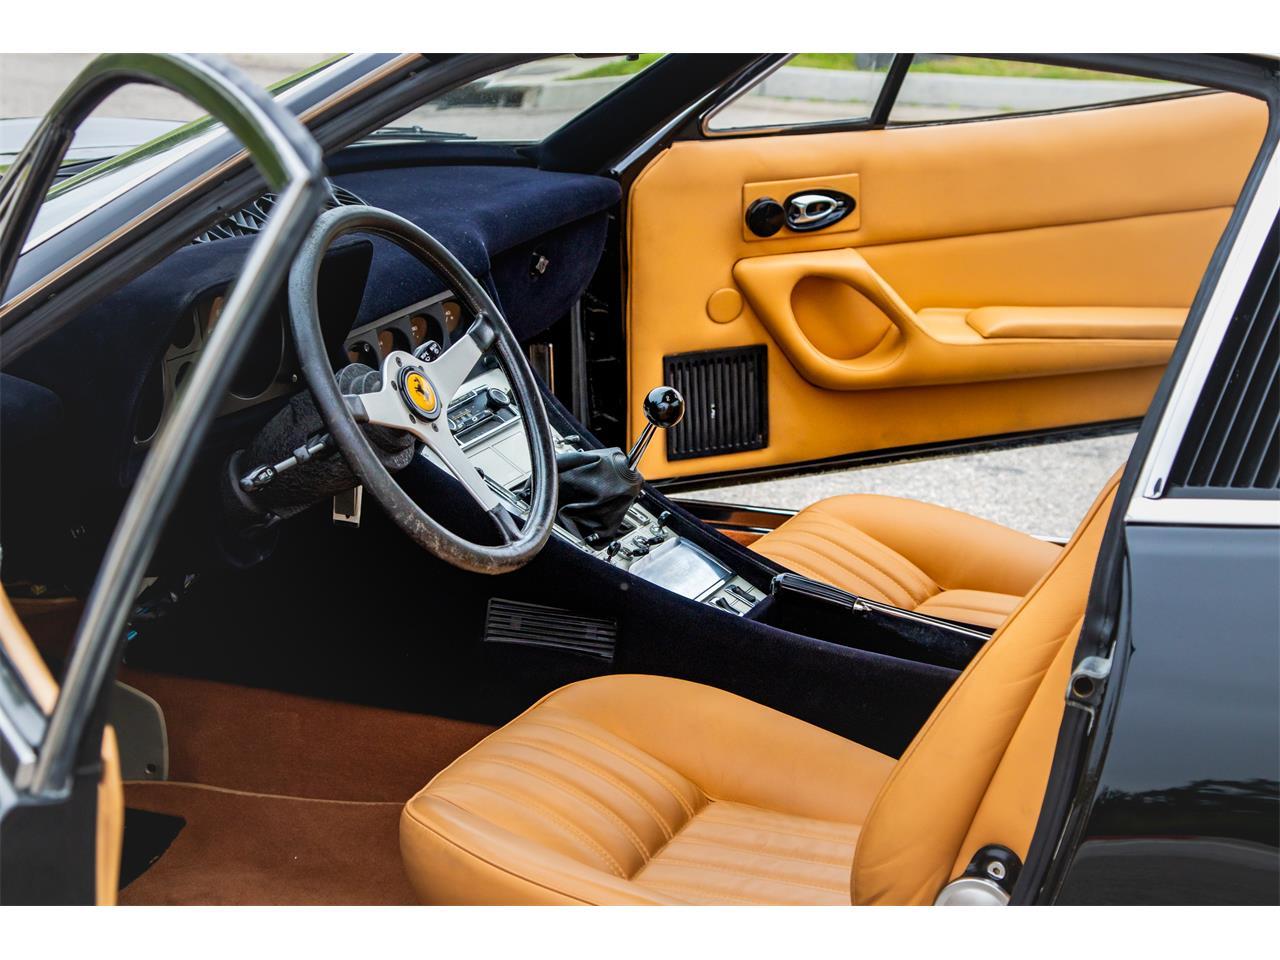 Large Picture of 1972 Ferrari 365 GT4 - $247,500.00 - Q5SJ